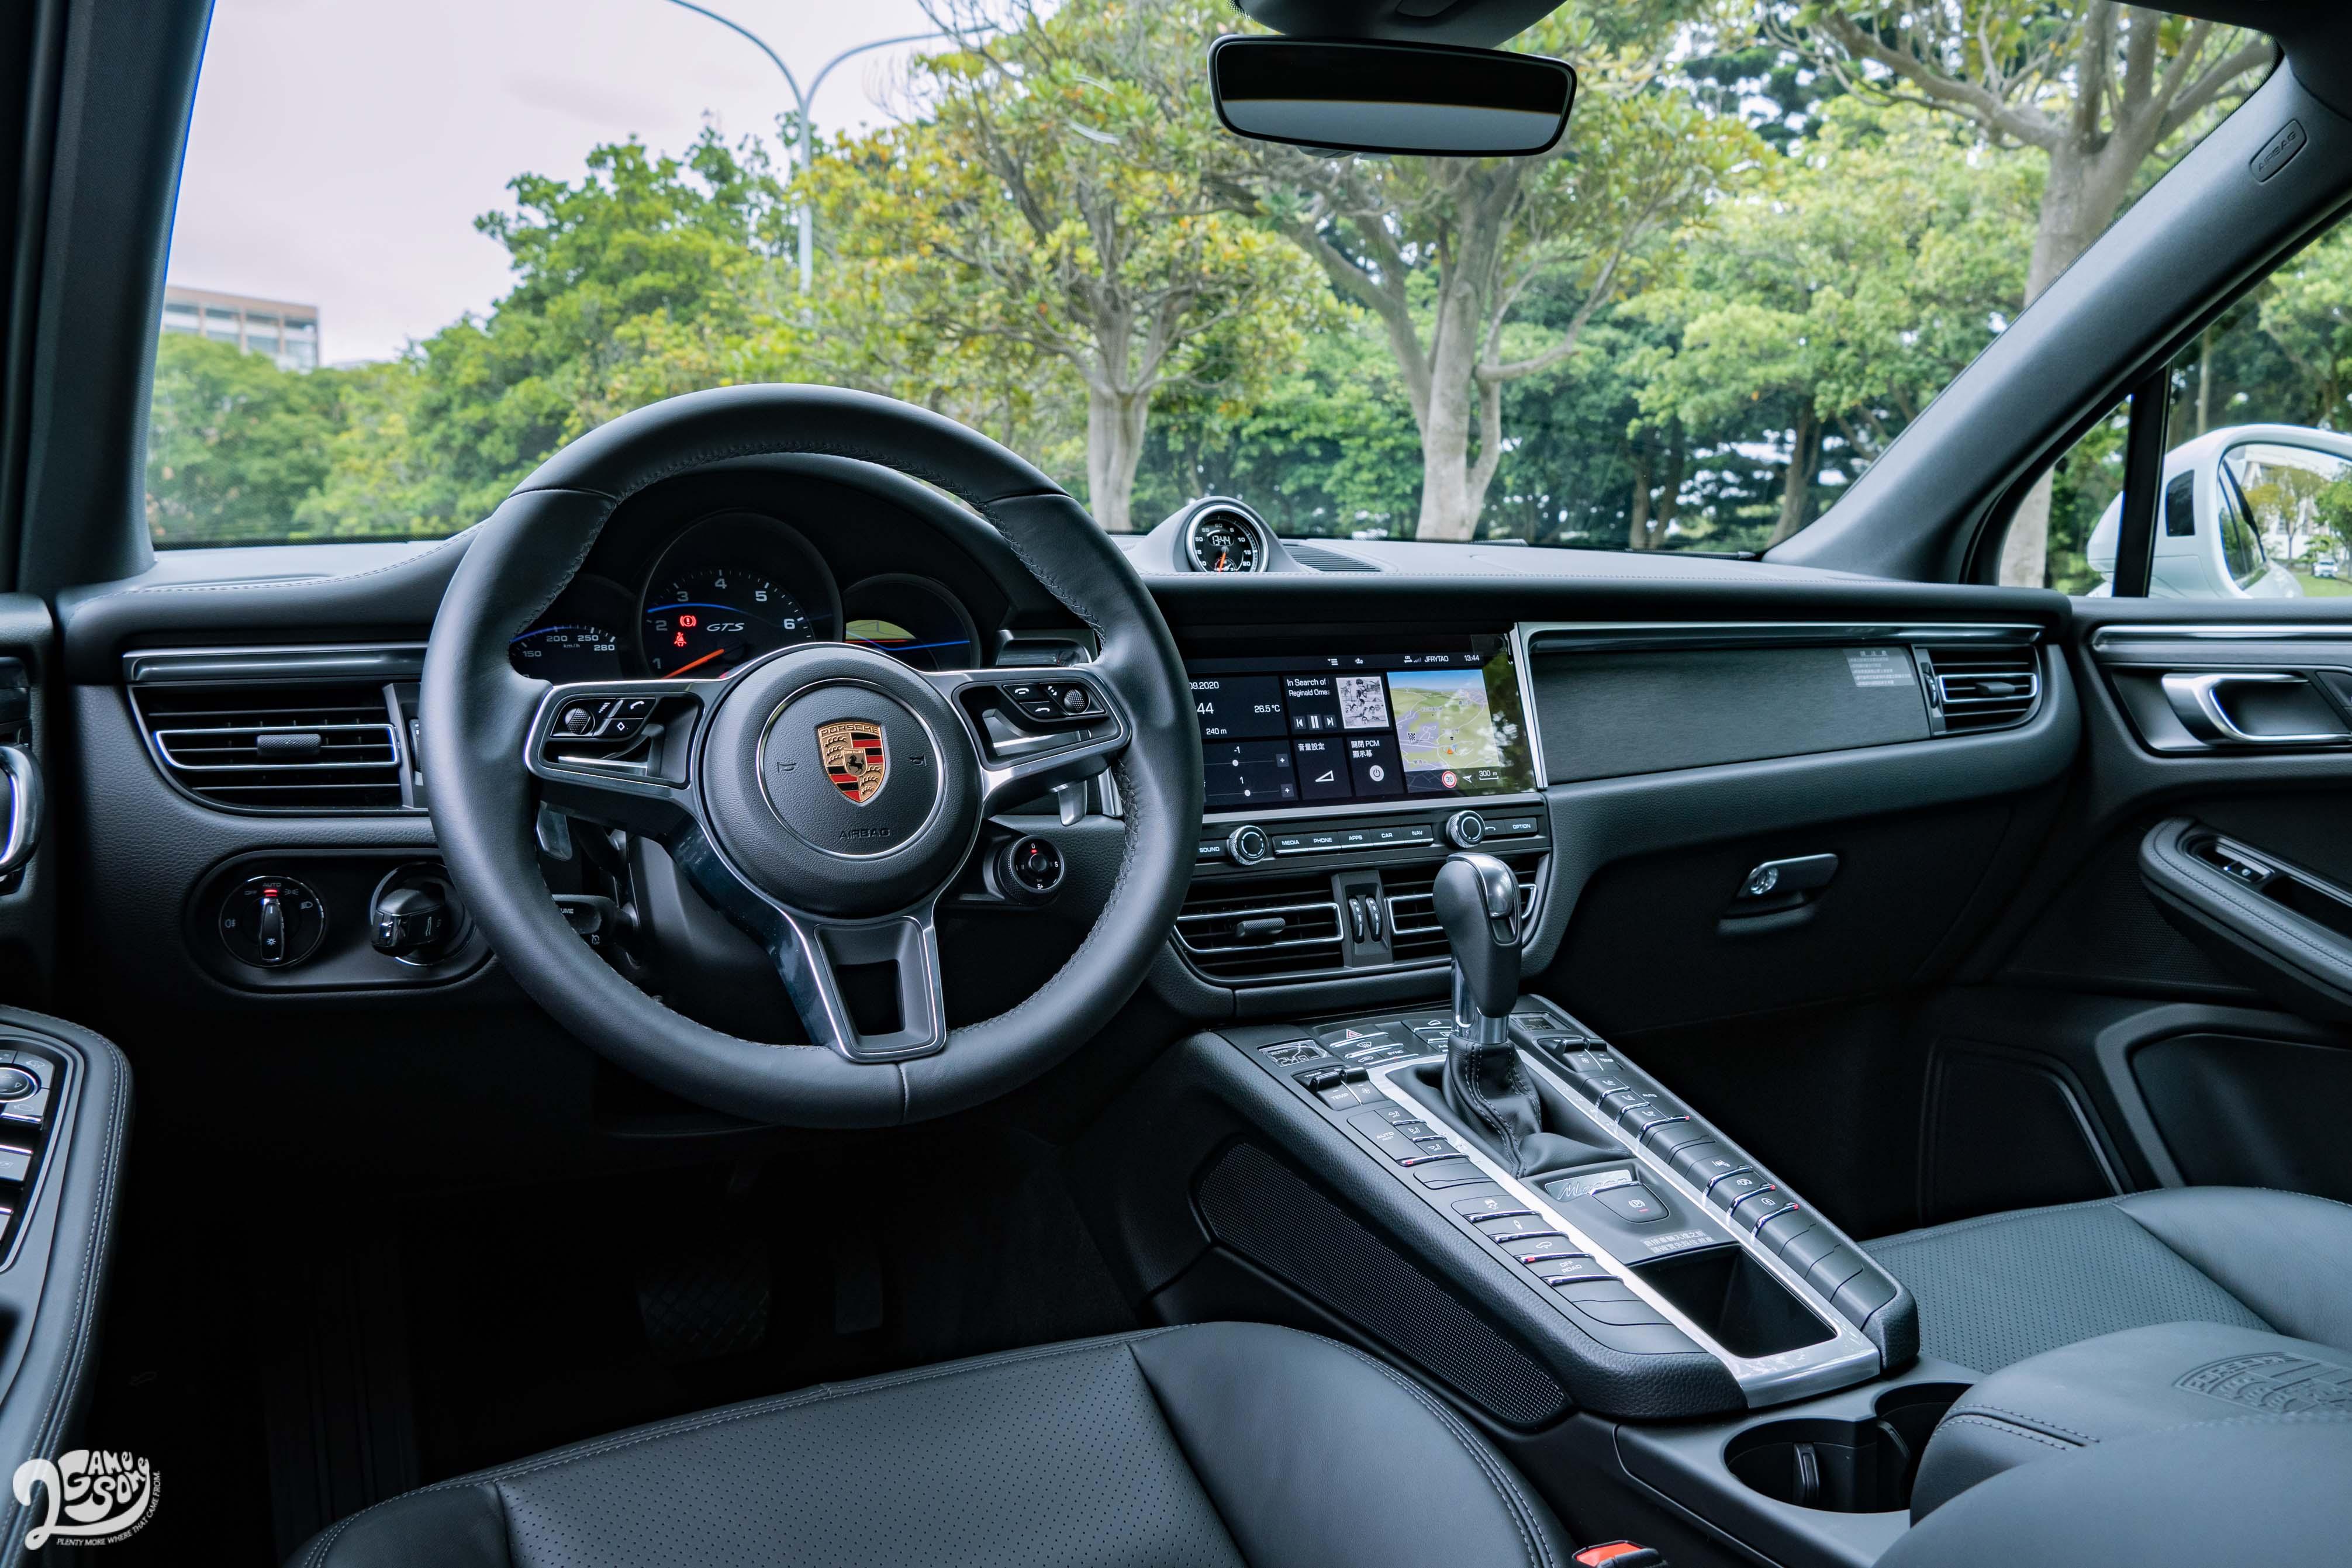 試駕車內裝選配黑色真皮套件,若是標配,座椅中央、車門扶手及中央鞍座扶手均以 Alcantara 麂皮包覆,搭配黑色髮絲紋鋁合金飾板。